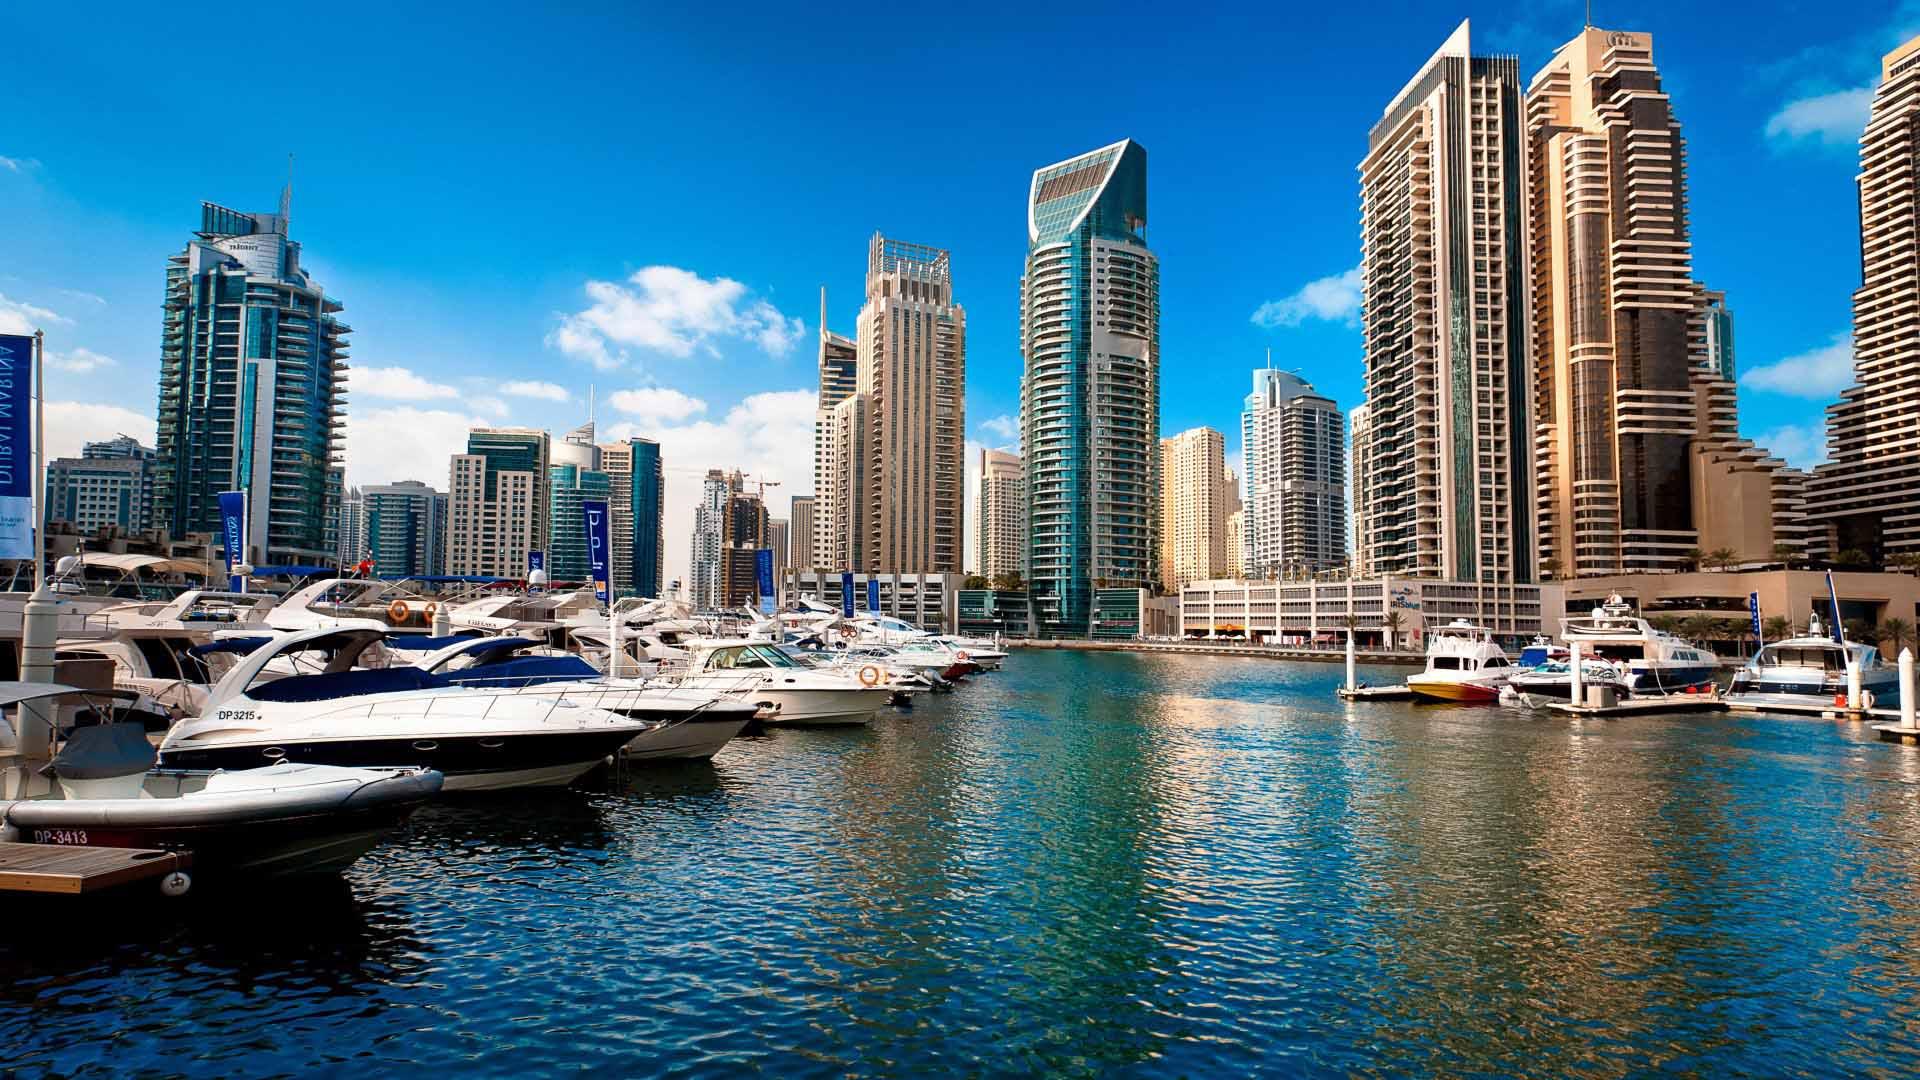 Puerto de Dubai - 12